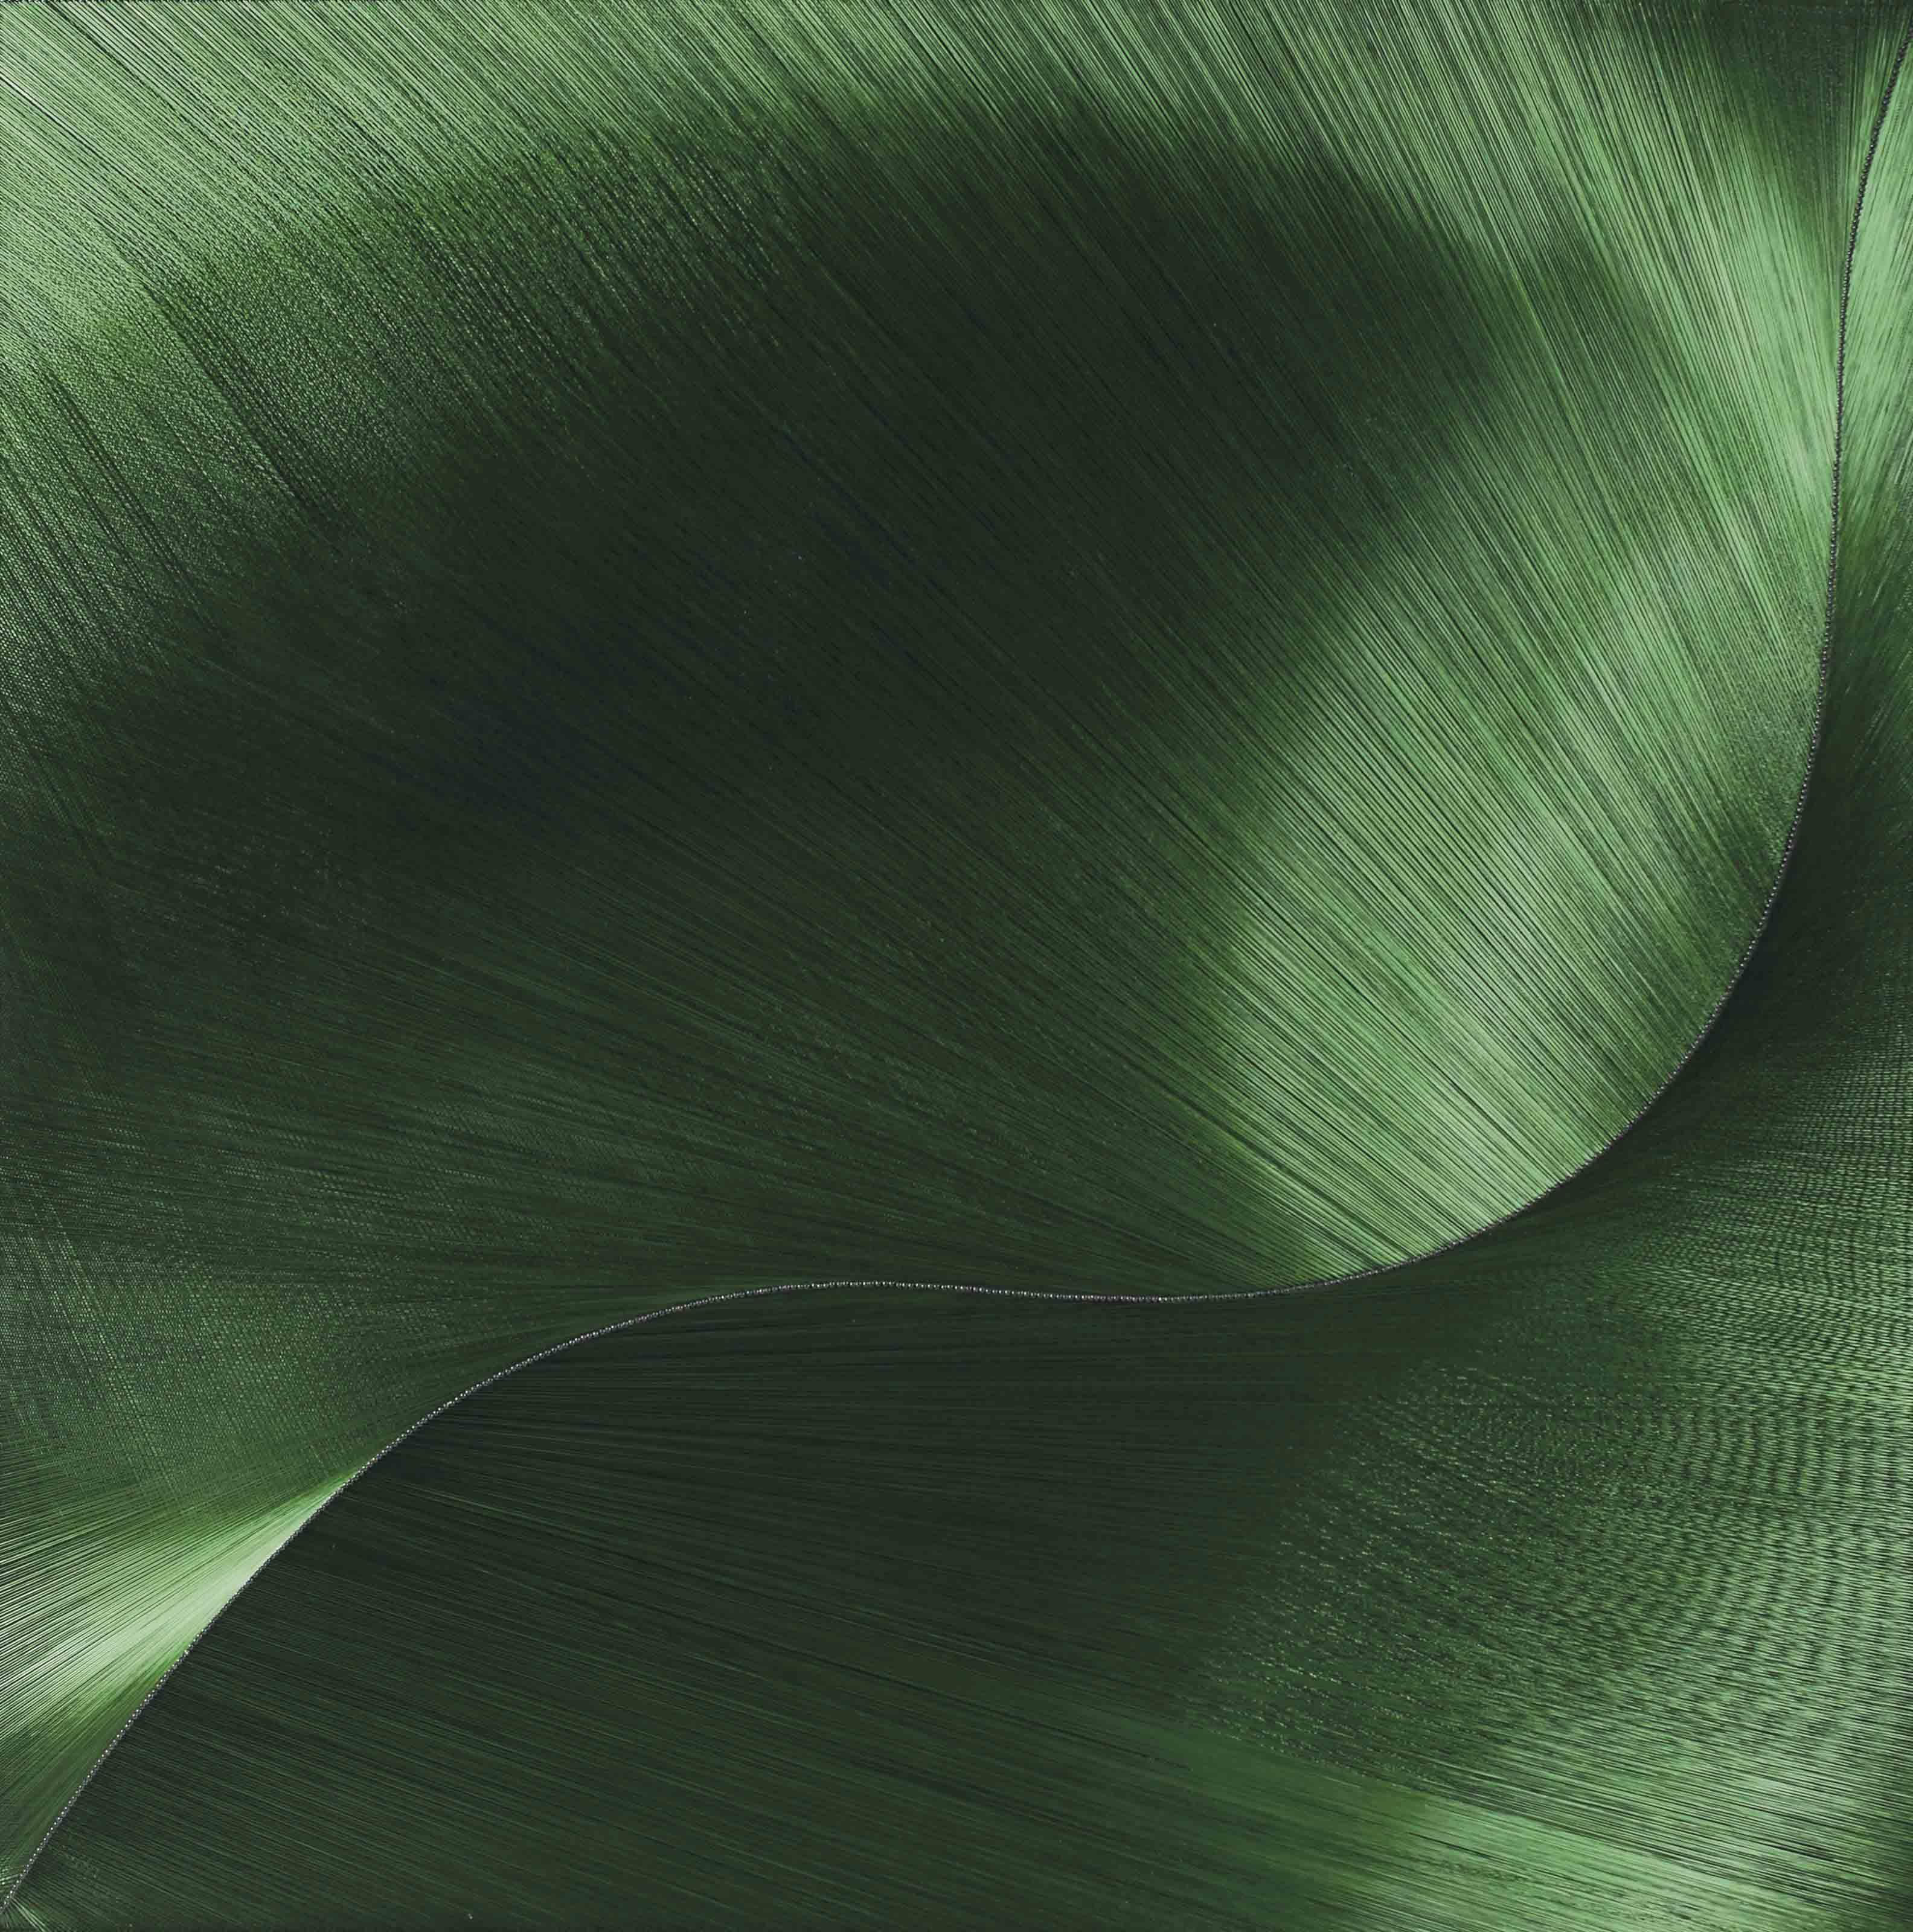 Yesil Yapsal ('Green Leaf')